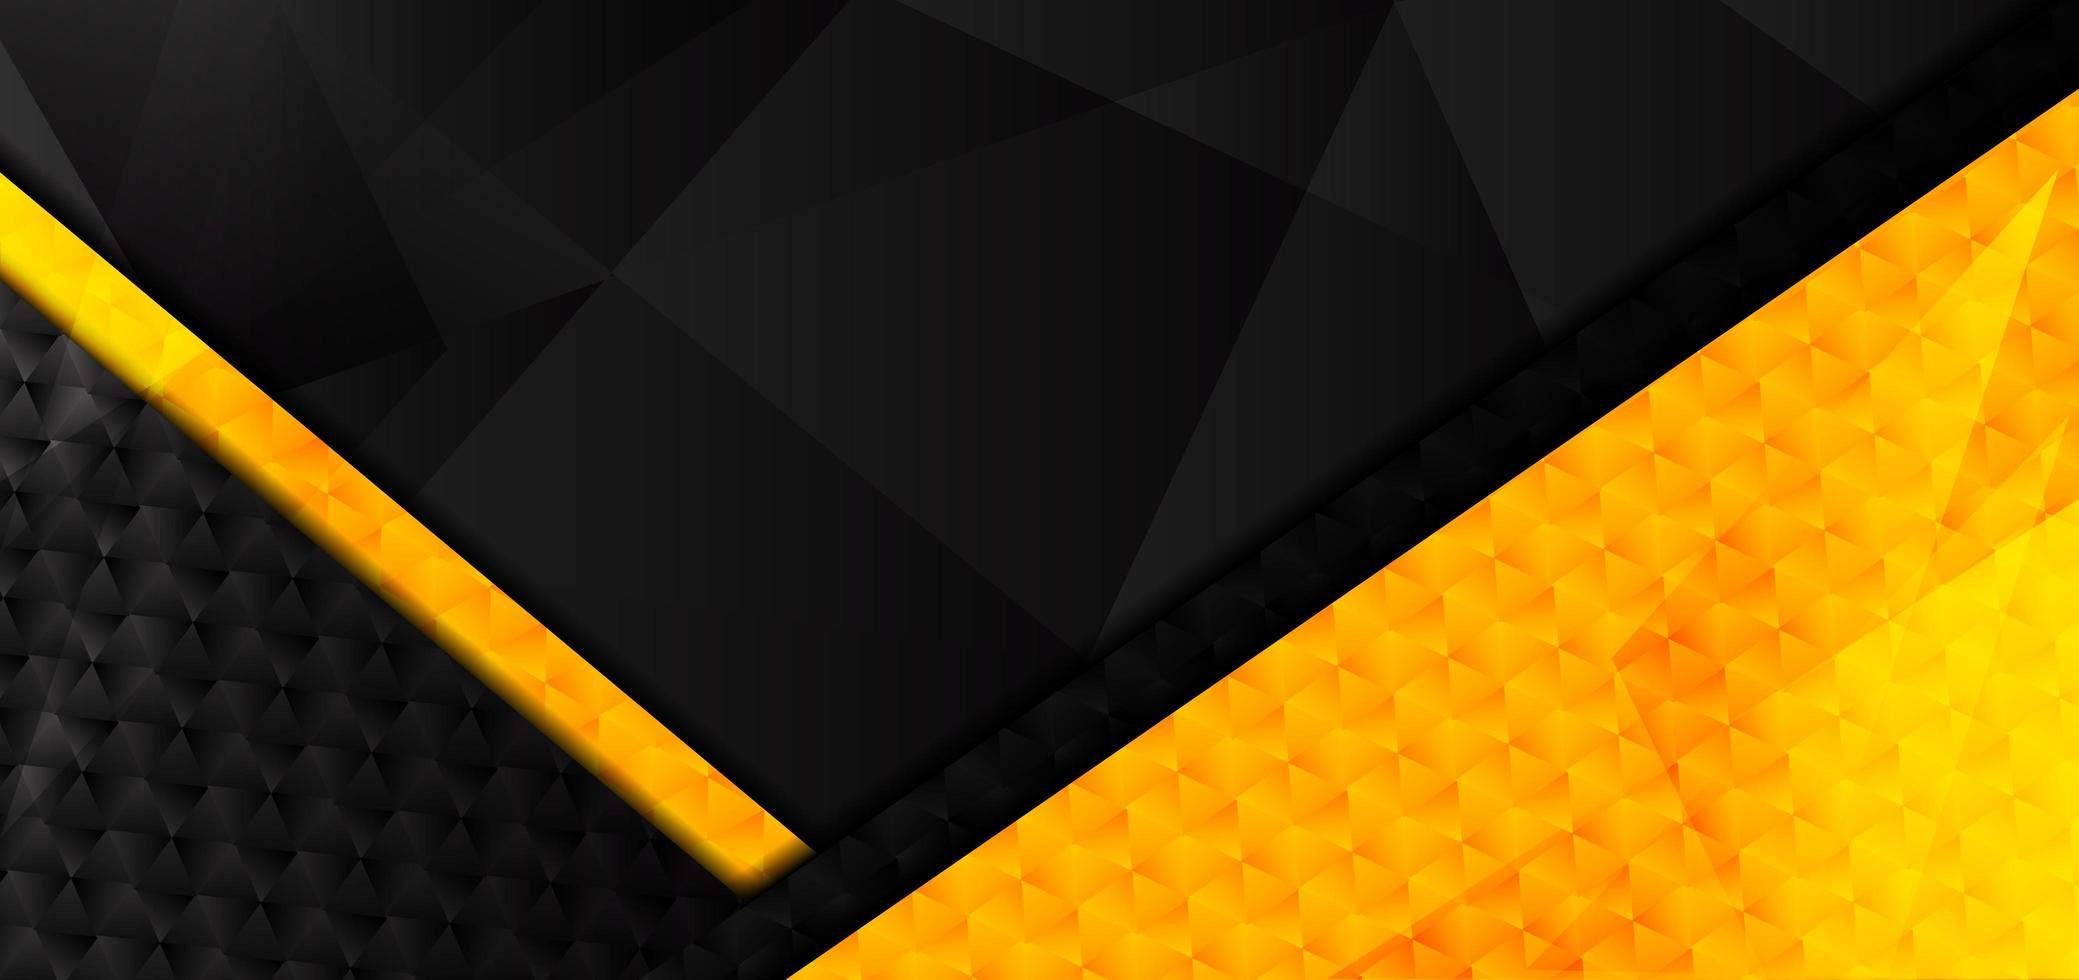 abstrakt gul, svart geometrisk överlappande bakgrund vektor